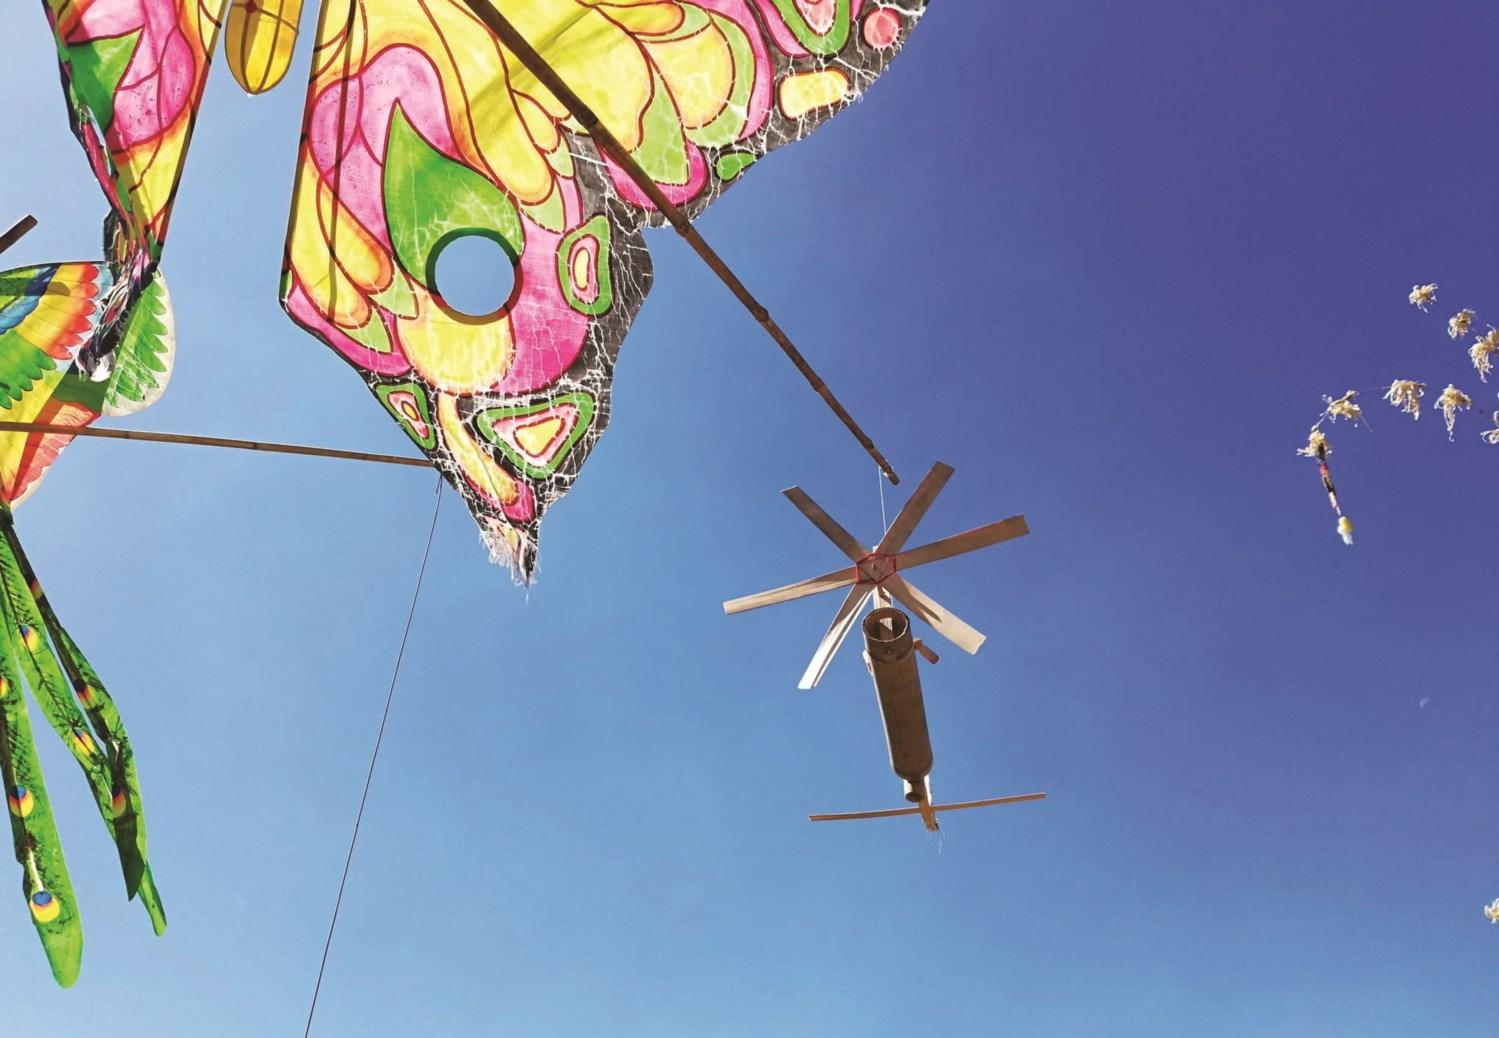 Chong chóng gió, một nghệ thuật của các dân tộc ở Tây Nguyên